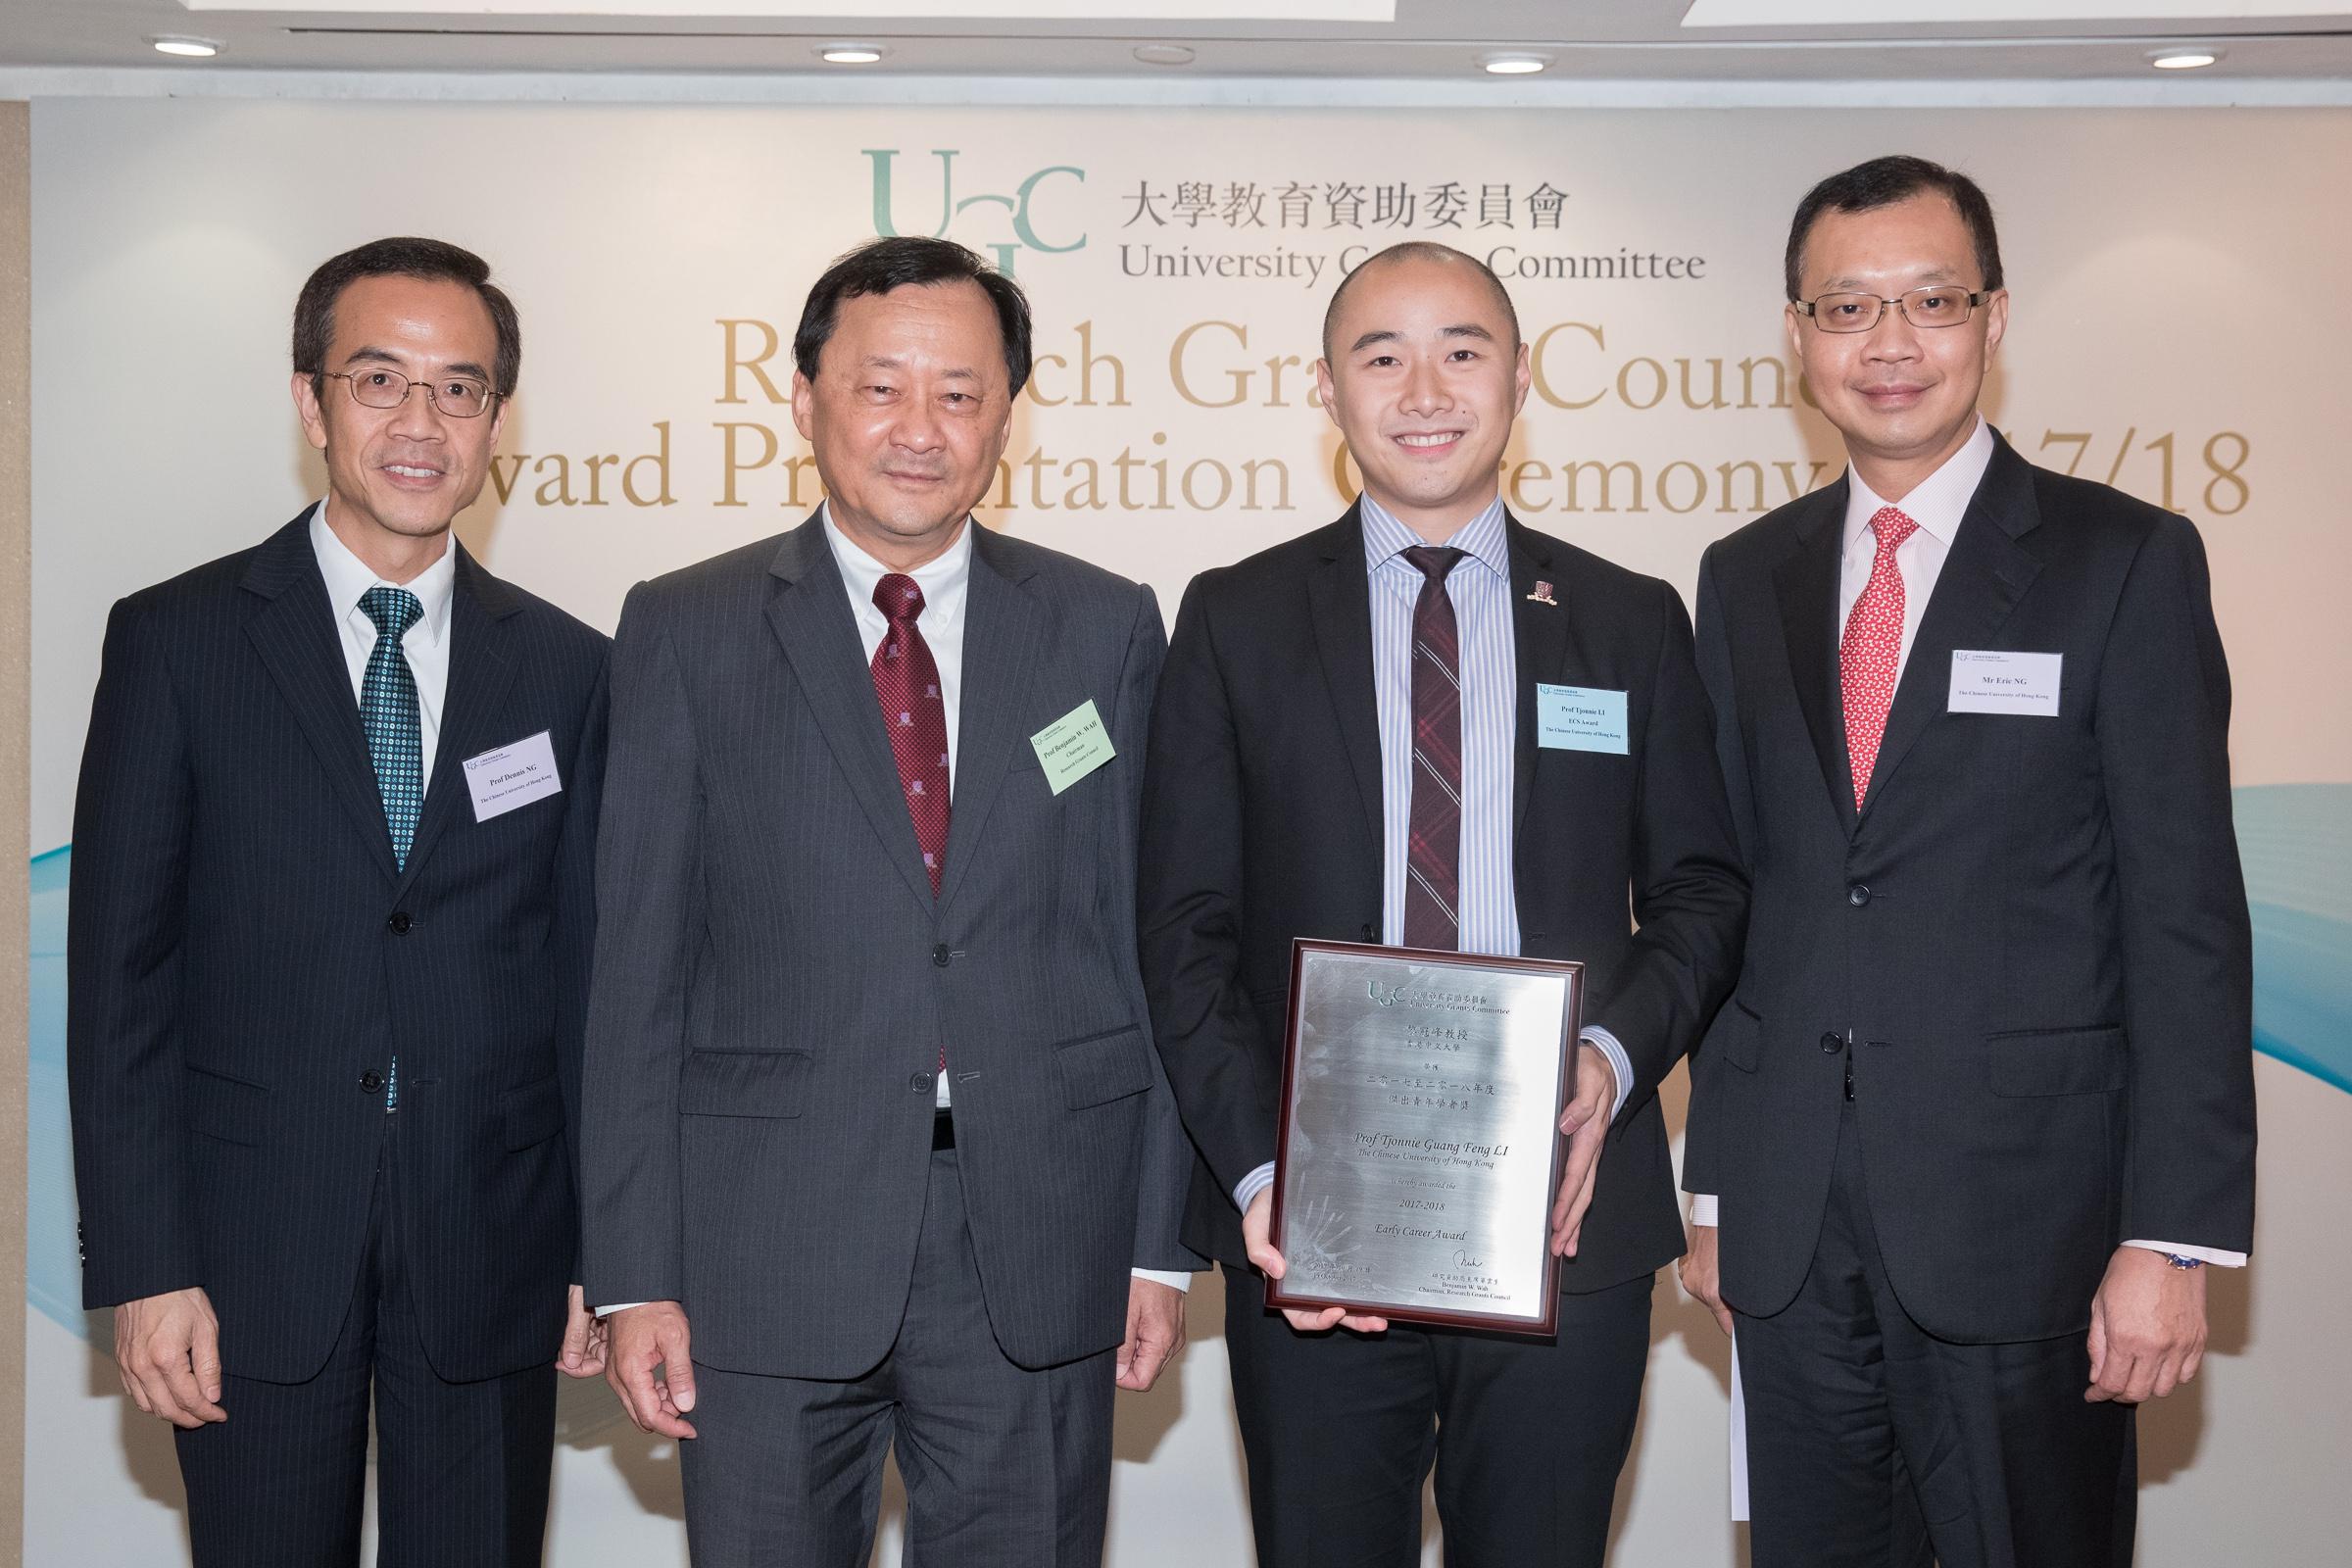 中大常務副校長華雲生教授(左二)偕副校長吳基培教授(左一)和吳樹培先生(右一)祝賀黎冠峰教授獲獎。